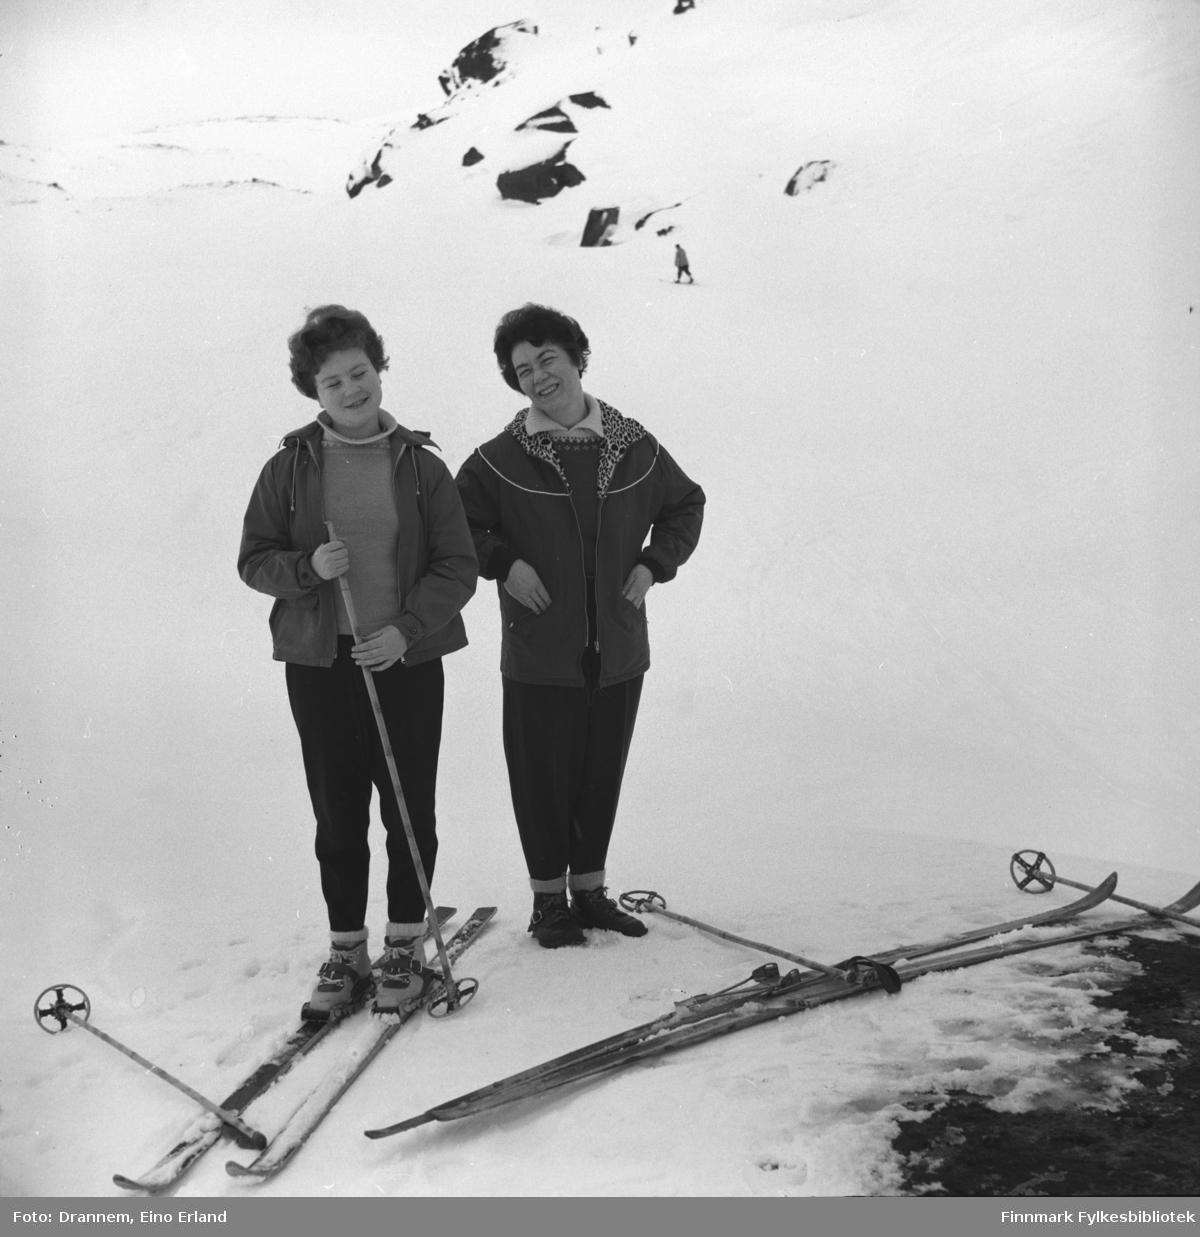 Turid og Jenny på skitur i fjellet ovenfor Hammerfest.